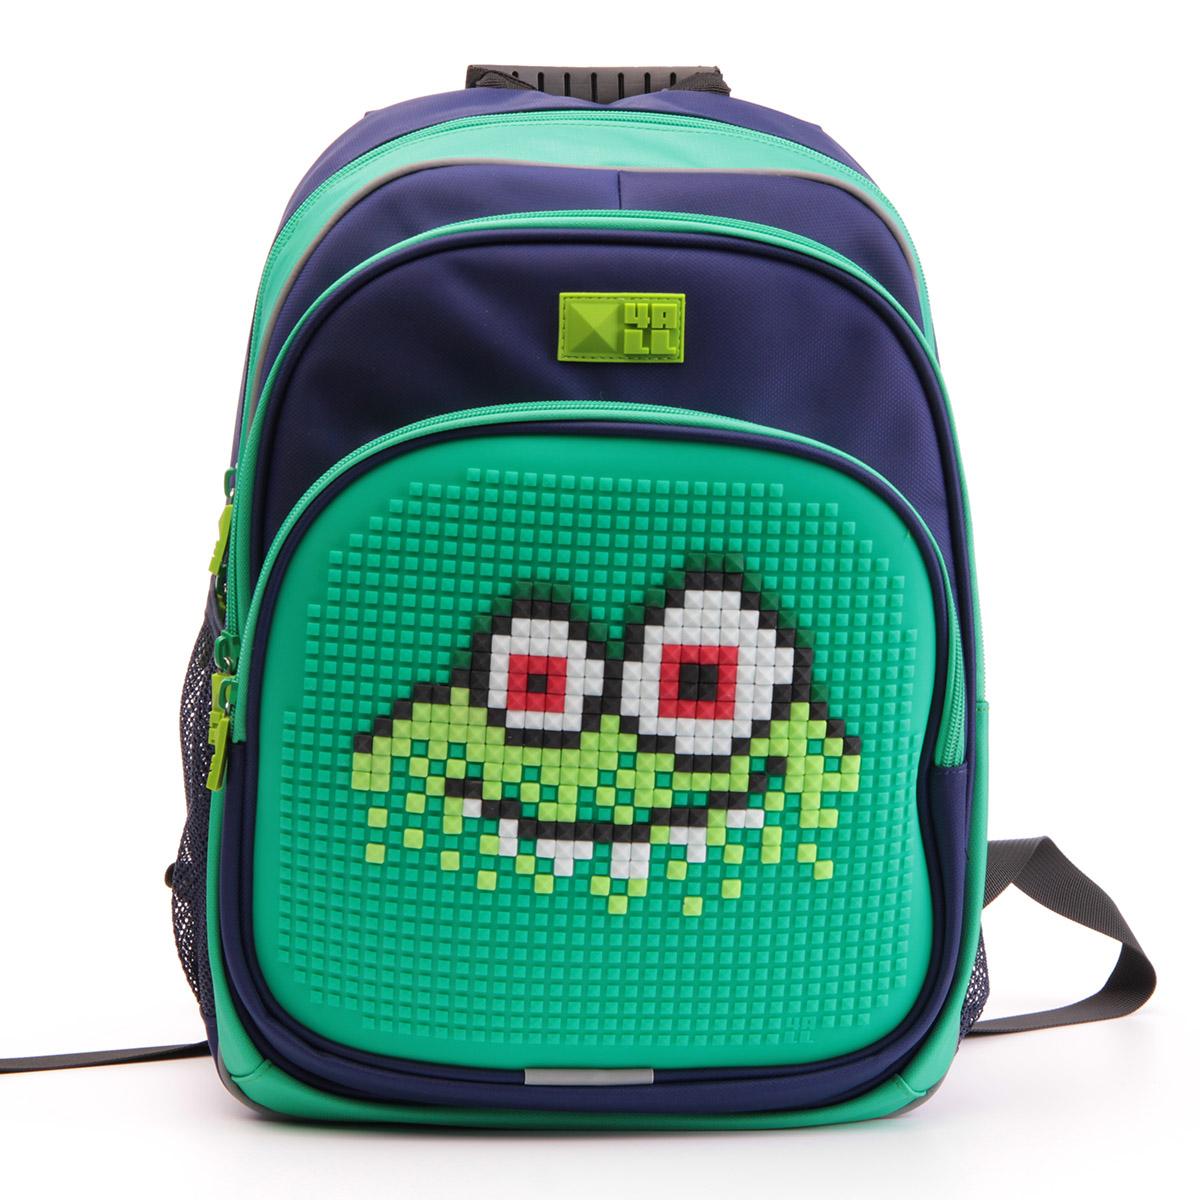 4ALL Рюкзак Kids цвет зеленый темно-синийRK61-11NРюкзак 4ALL - это одновременно яркий, функциональный школьный аксессуар и площадка для самовыражения. Уникальные рюкзаки Kids имеют гипоаллергенную силиконовую панель и разноцветные мозаичные биты, с помощью которых на рюкзаке можно создавать графические шедевры хоть каждый день!Модель выполнена из полиэстера с водоотталкивающей пропиткой. Рюкзак имеет 2 отделения, снаружи расположены 3 кармана (передний - на молнии, боковые - сетчатые). Система Air Comfort System обеспечивает свободную циркуляцию воздуха между задней стенкой рюкзака и спиной ребенка. Система Ergo System служит равномерному распределению нагрузки на спину ребенка, сохранению правильной осанки. Она способна сделать рюкзак, наполненный учебниками, легким.Ортопедическая спинка как корсет поддерживает позвоночник, правильно распределяя нагрузку. Простая и удобная конструкция спины и лямок позволяет использовать рюкзак даже деткам от 3-х лет.Светоотражающие вставки отвечают за безопасность ребенка в темное время суток.В комплекте 1 упаковка разноцветных пикселей-битов (300 штук) и инструкция для создания базовой картинки. Работа с мелкими битами позволяет дополнительно развивать мелкую моторику рук малыша.